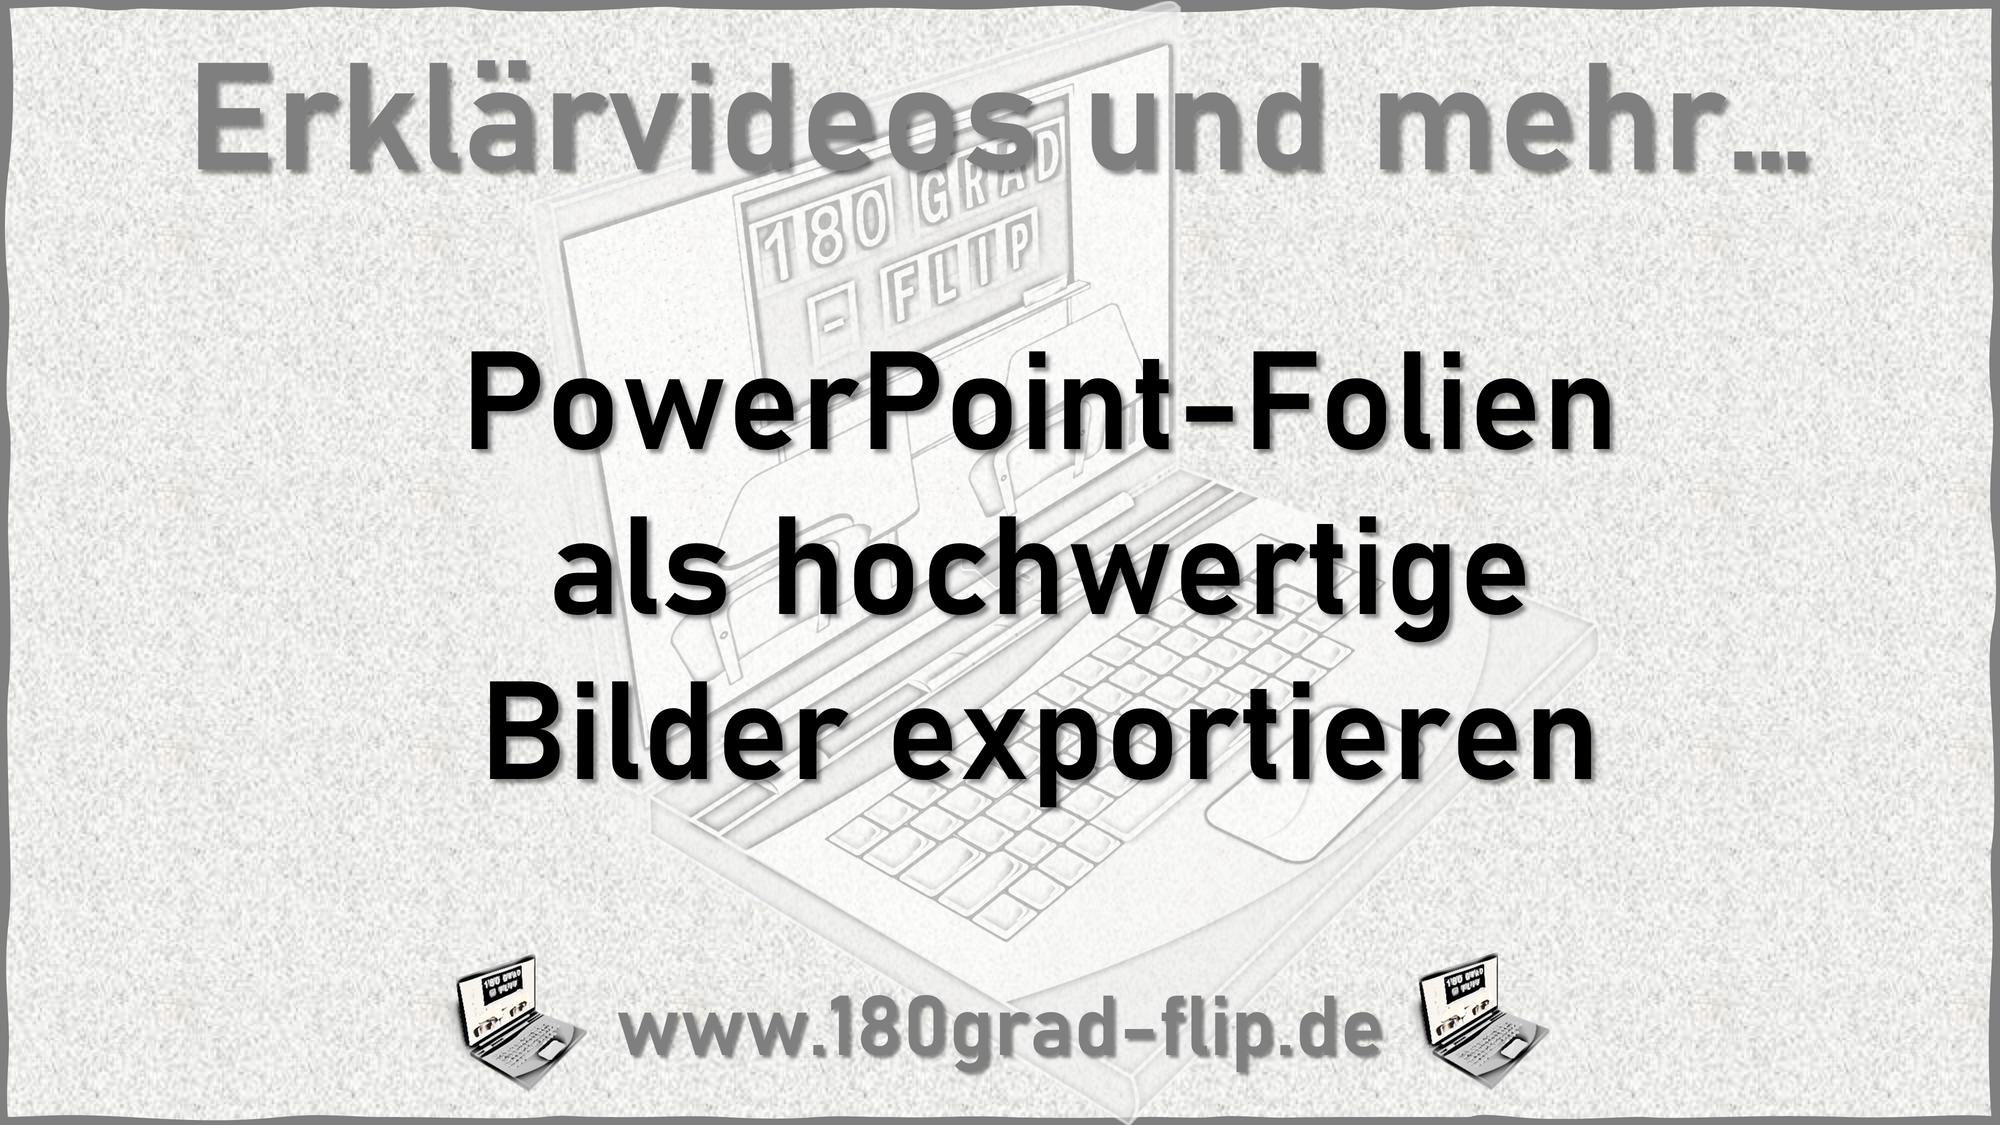 Hochwertiger Bildexport aus PowerPoint